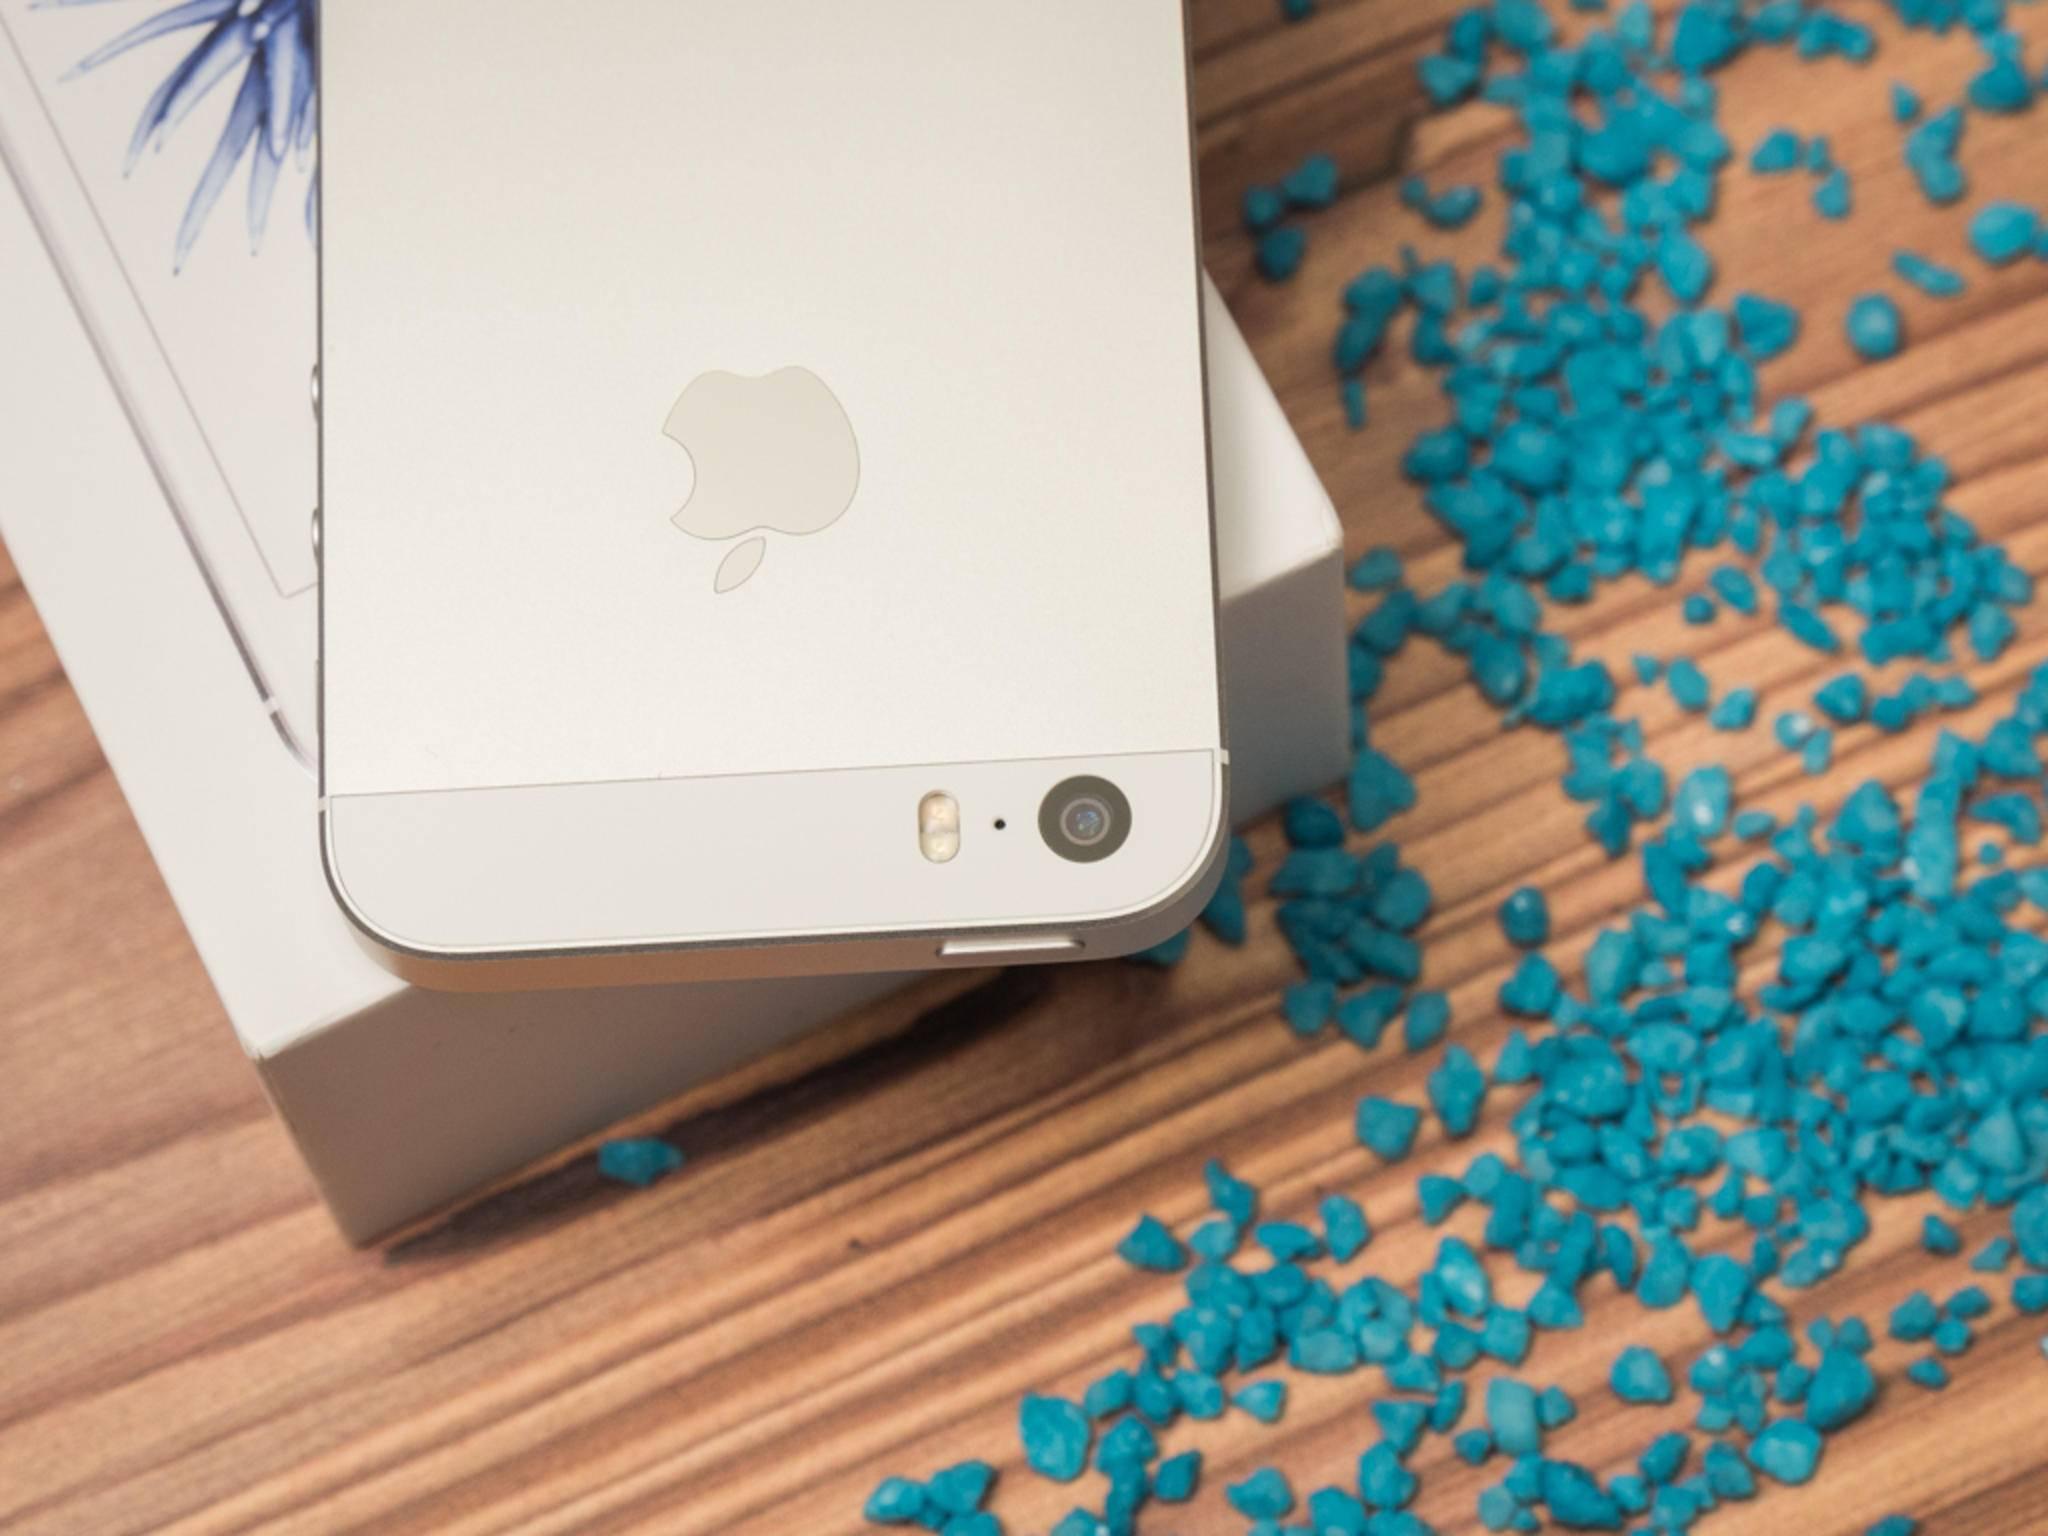 Das neue iPhone SE zählt zu den ersten iOS-Geräten, die RAW-Support bieten.